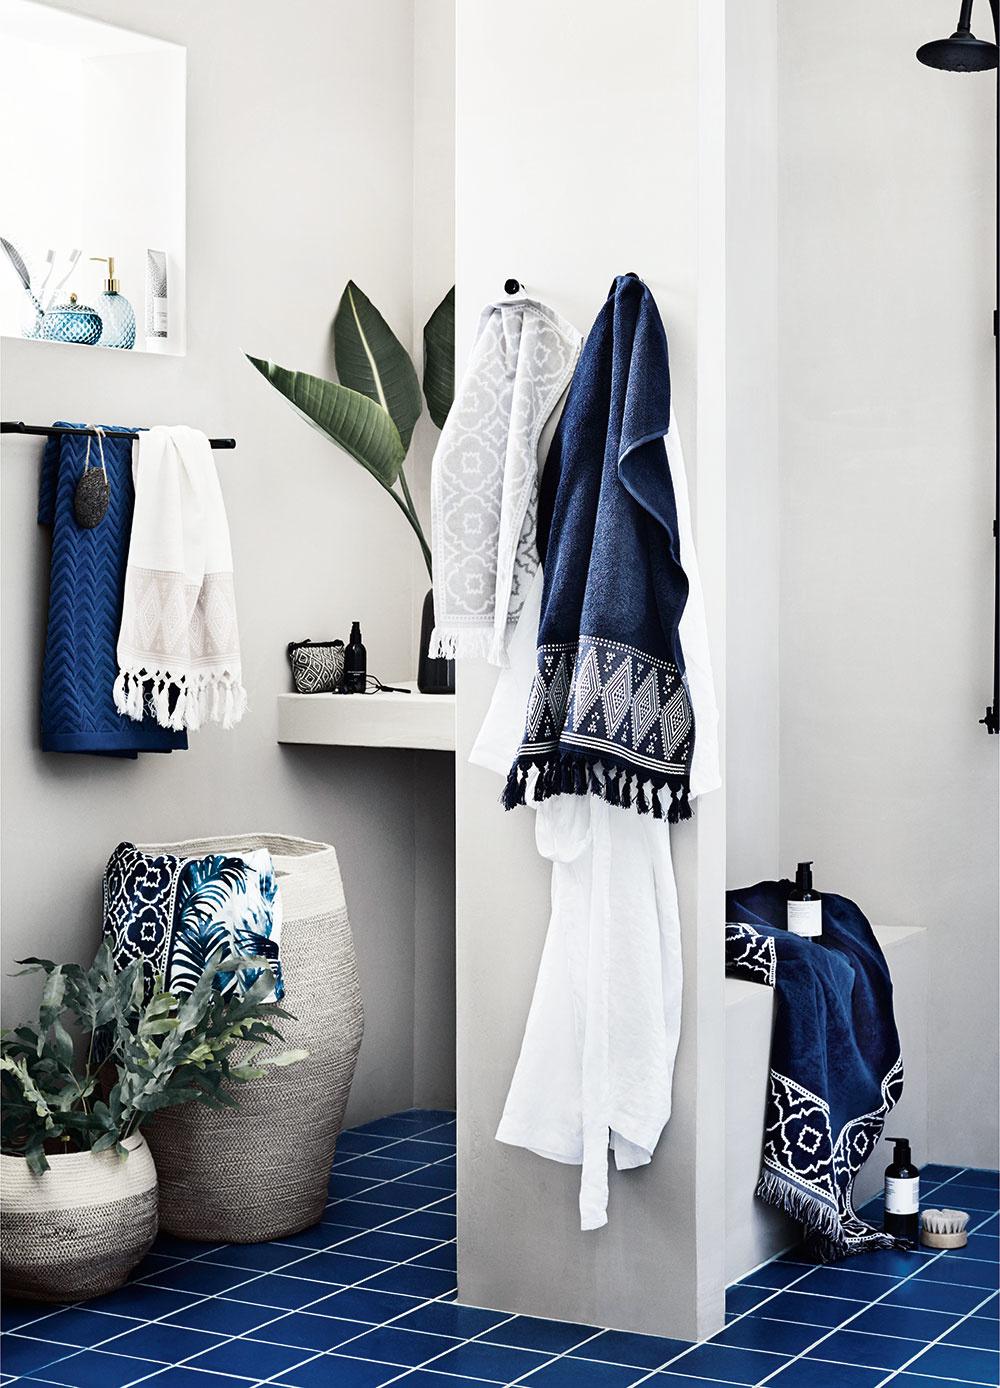 KÚPEĽŇA. Kde inde, ako práve vkúpeľni, sa dokážete maximálne vyhrať smotívom vody? Osušky, uteráky, predložky, ale aj obkladačky vžiarivej modrej farbe kombinované sbielou či svetlou, jutový kôš na bielizeň, kde-tu nejaká živá rastlina avaša kúpeľňa bude pôsobiť naveky sviežo.